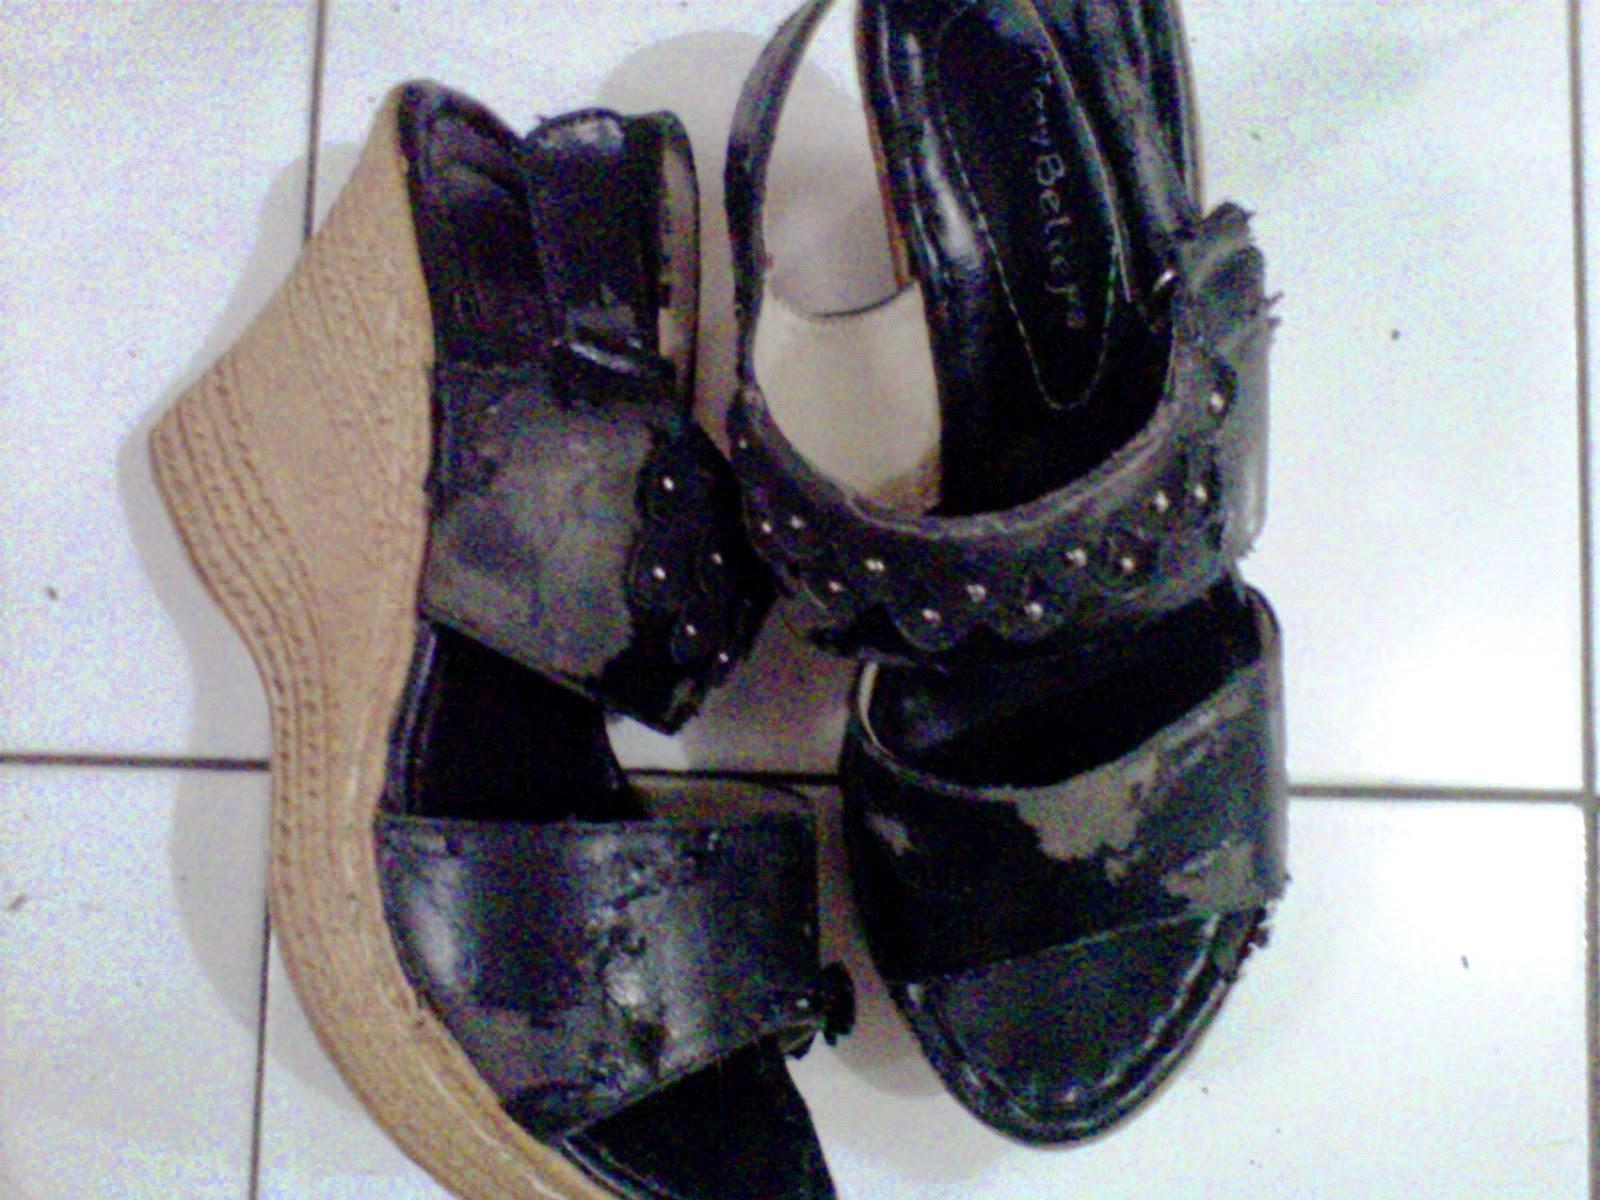 Yeaaahh aku punya sepatu yang sudah yah lumayanlah untuk bisa dibilang usang Ini sepatu lamaku